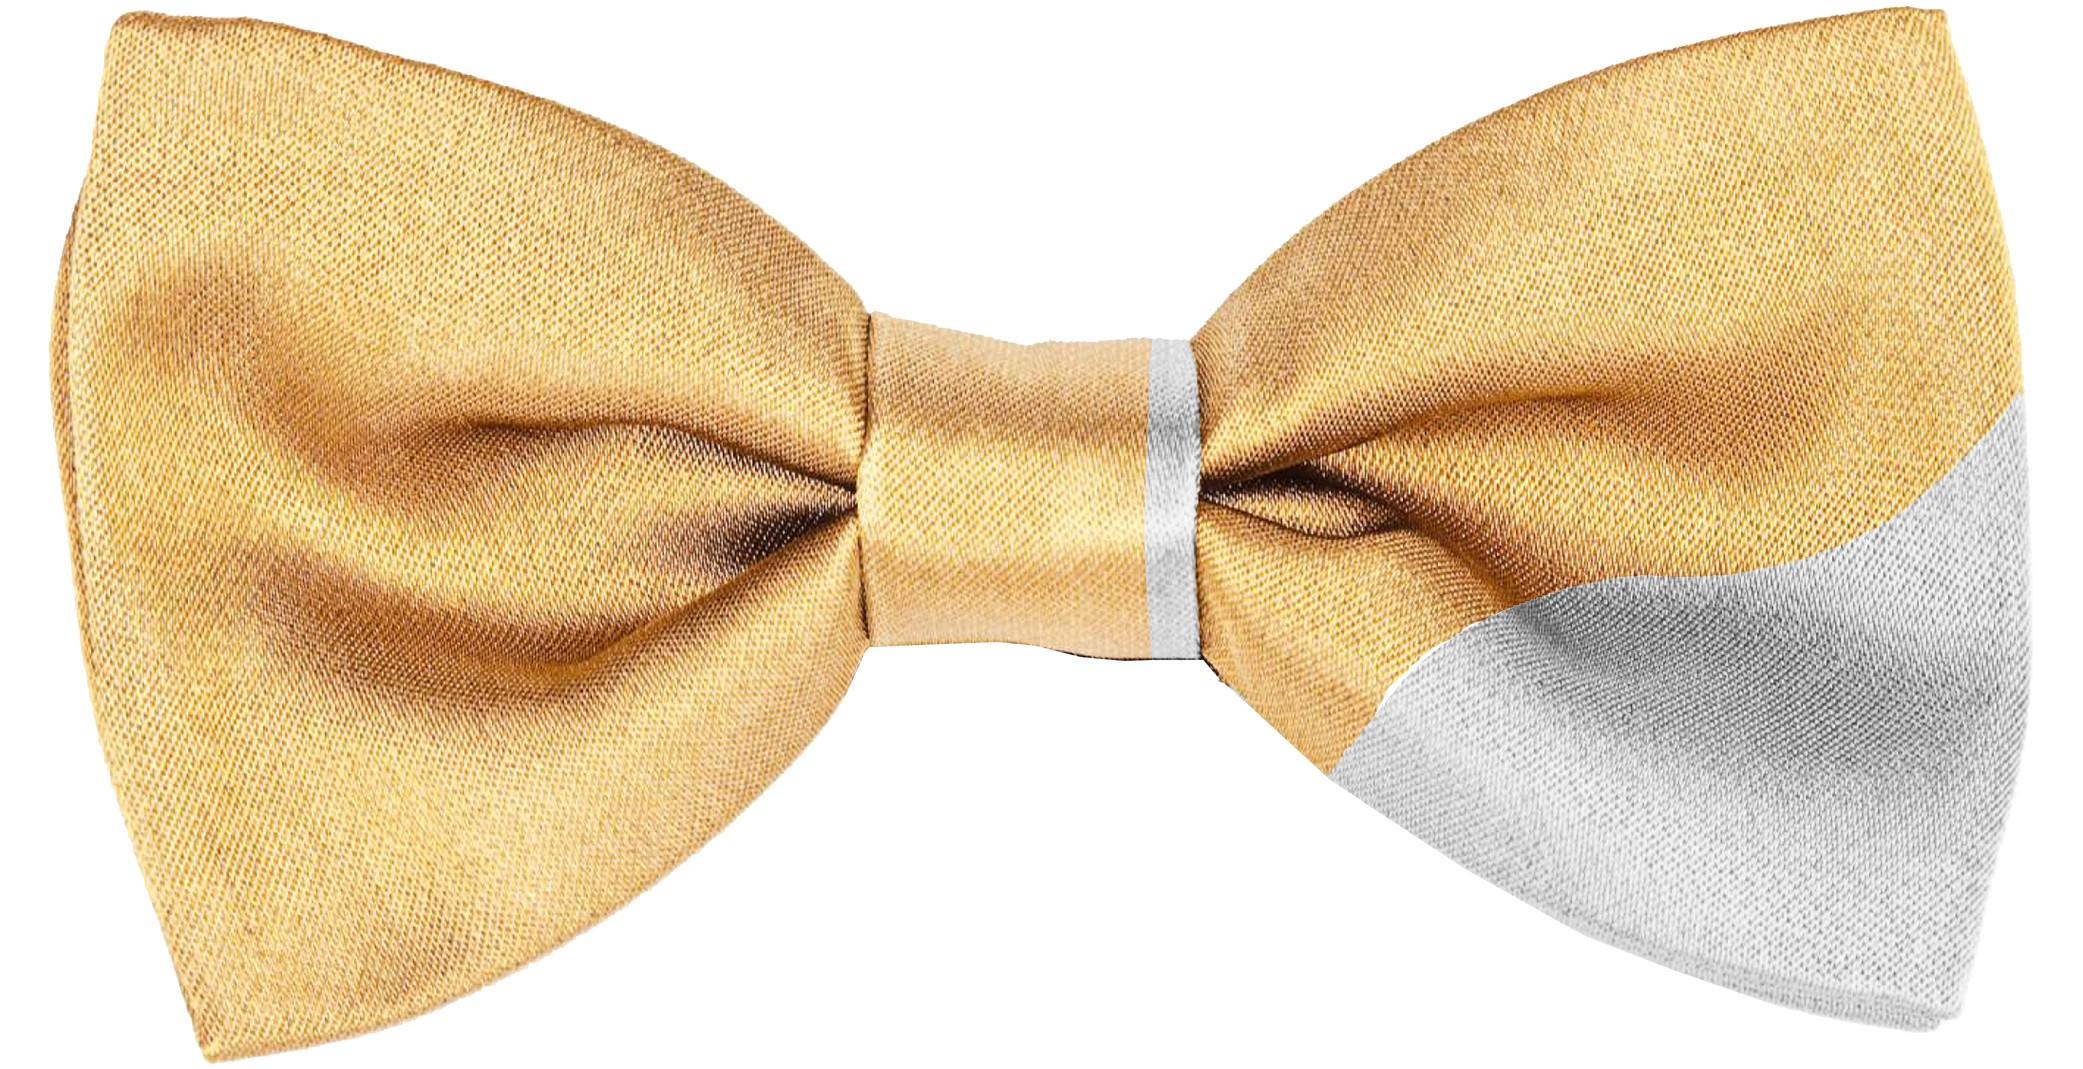 24k Gold Bowtie in White